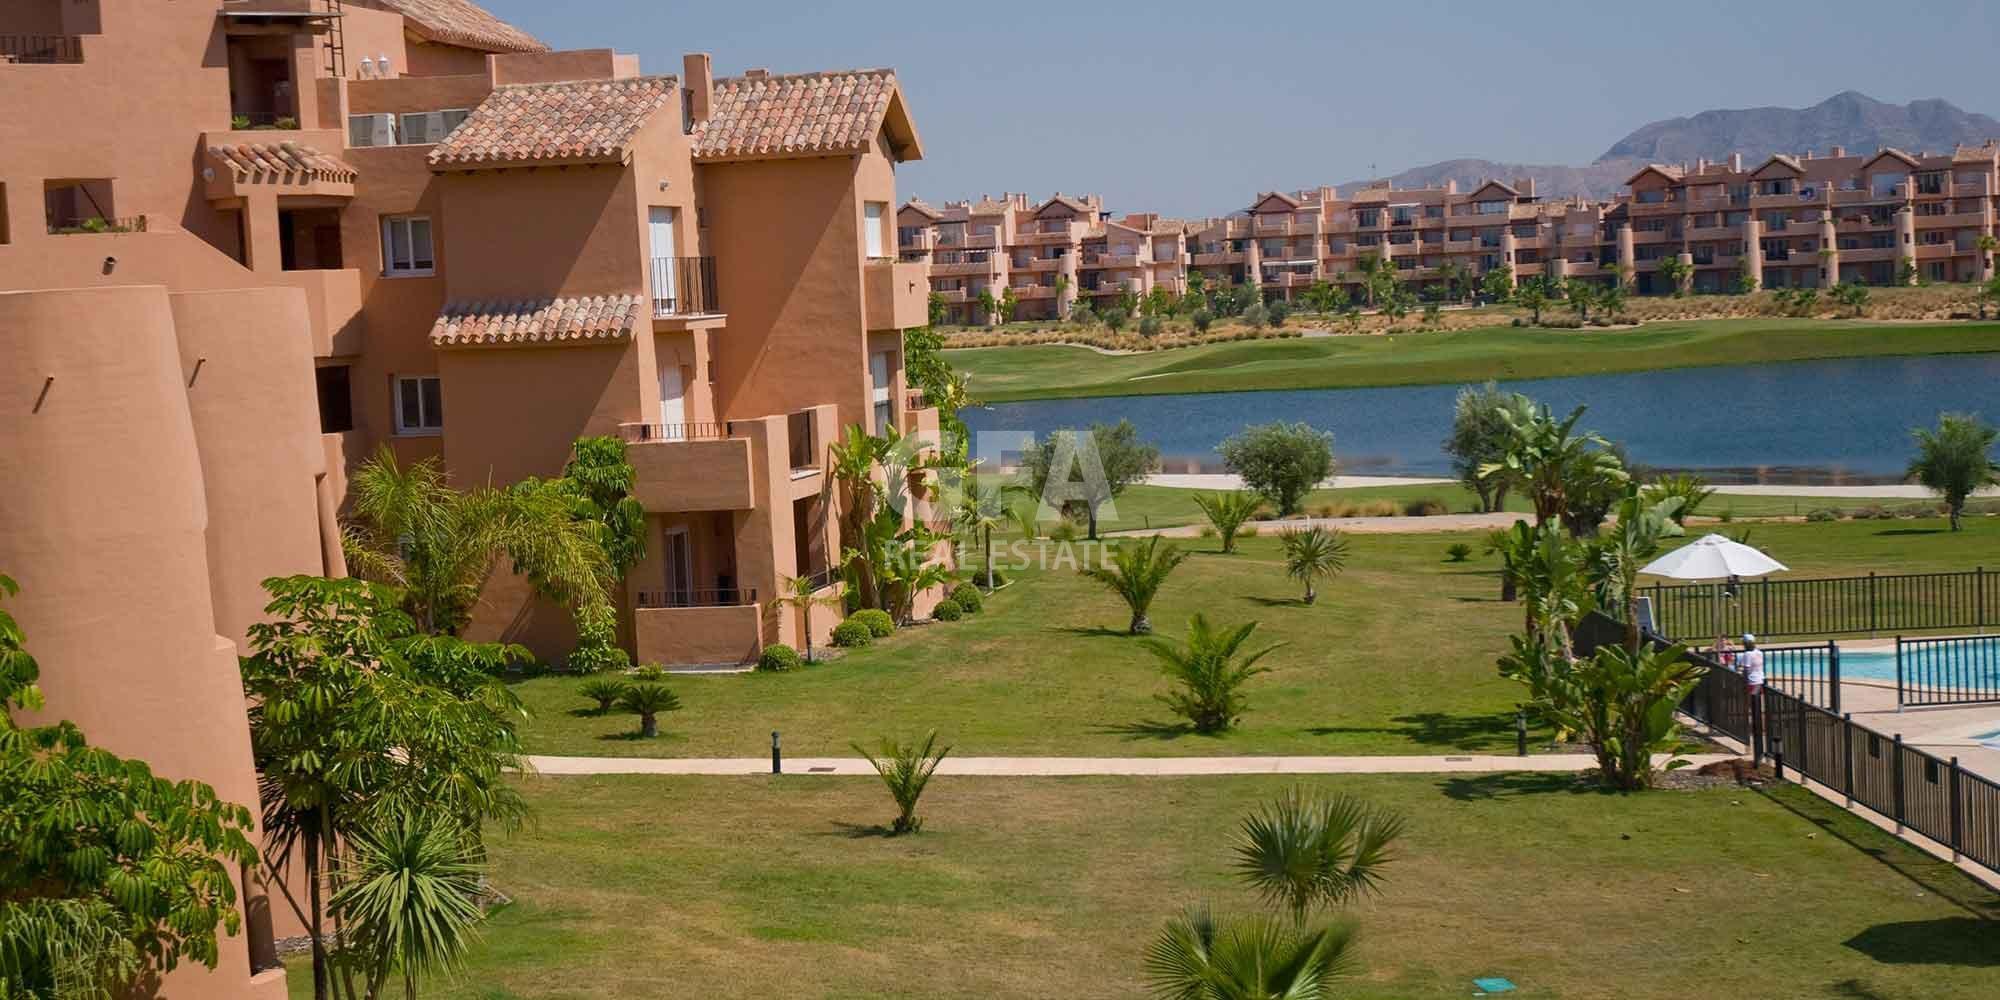 Residencial obra nueva Mar Menor Golf Resort vista aérea bungalouws